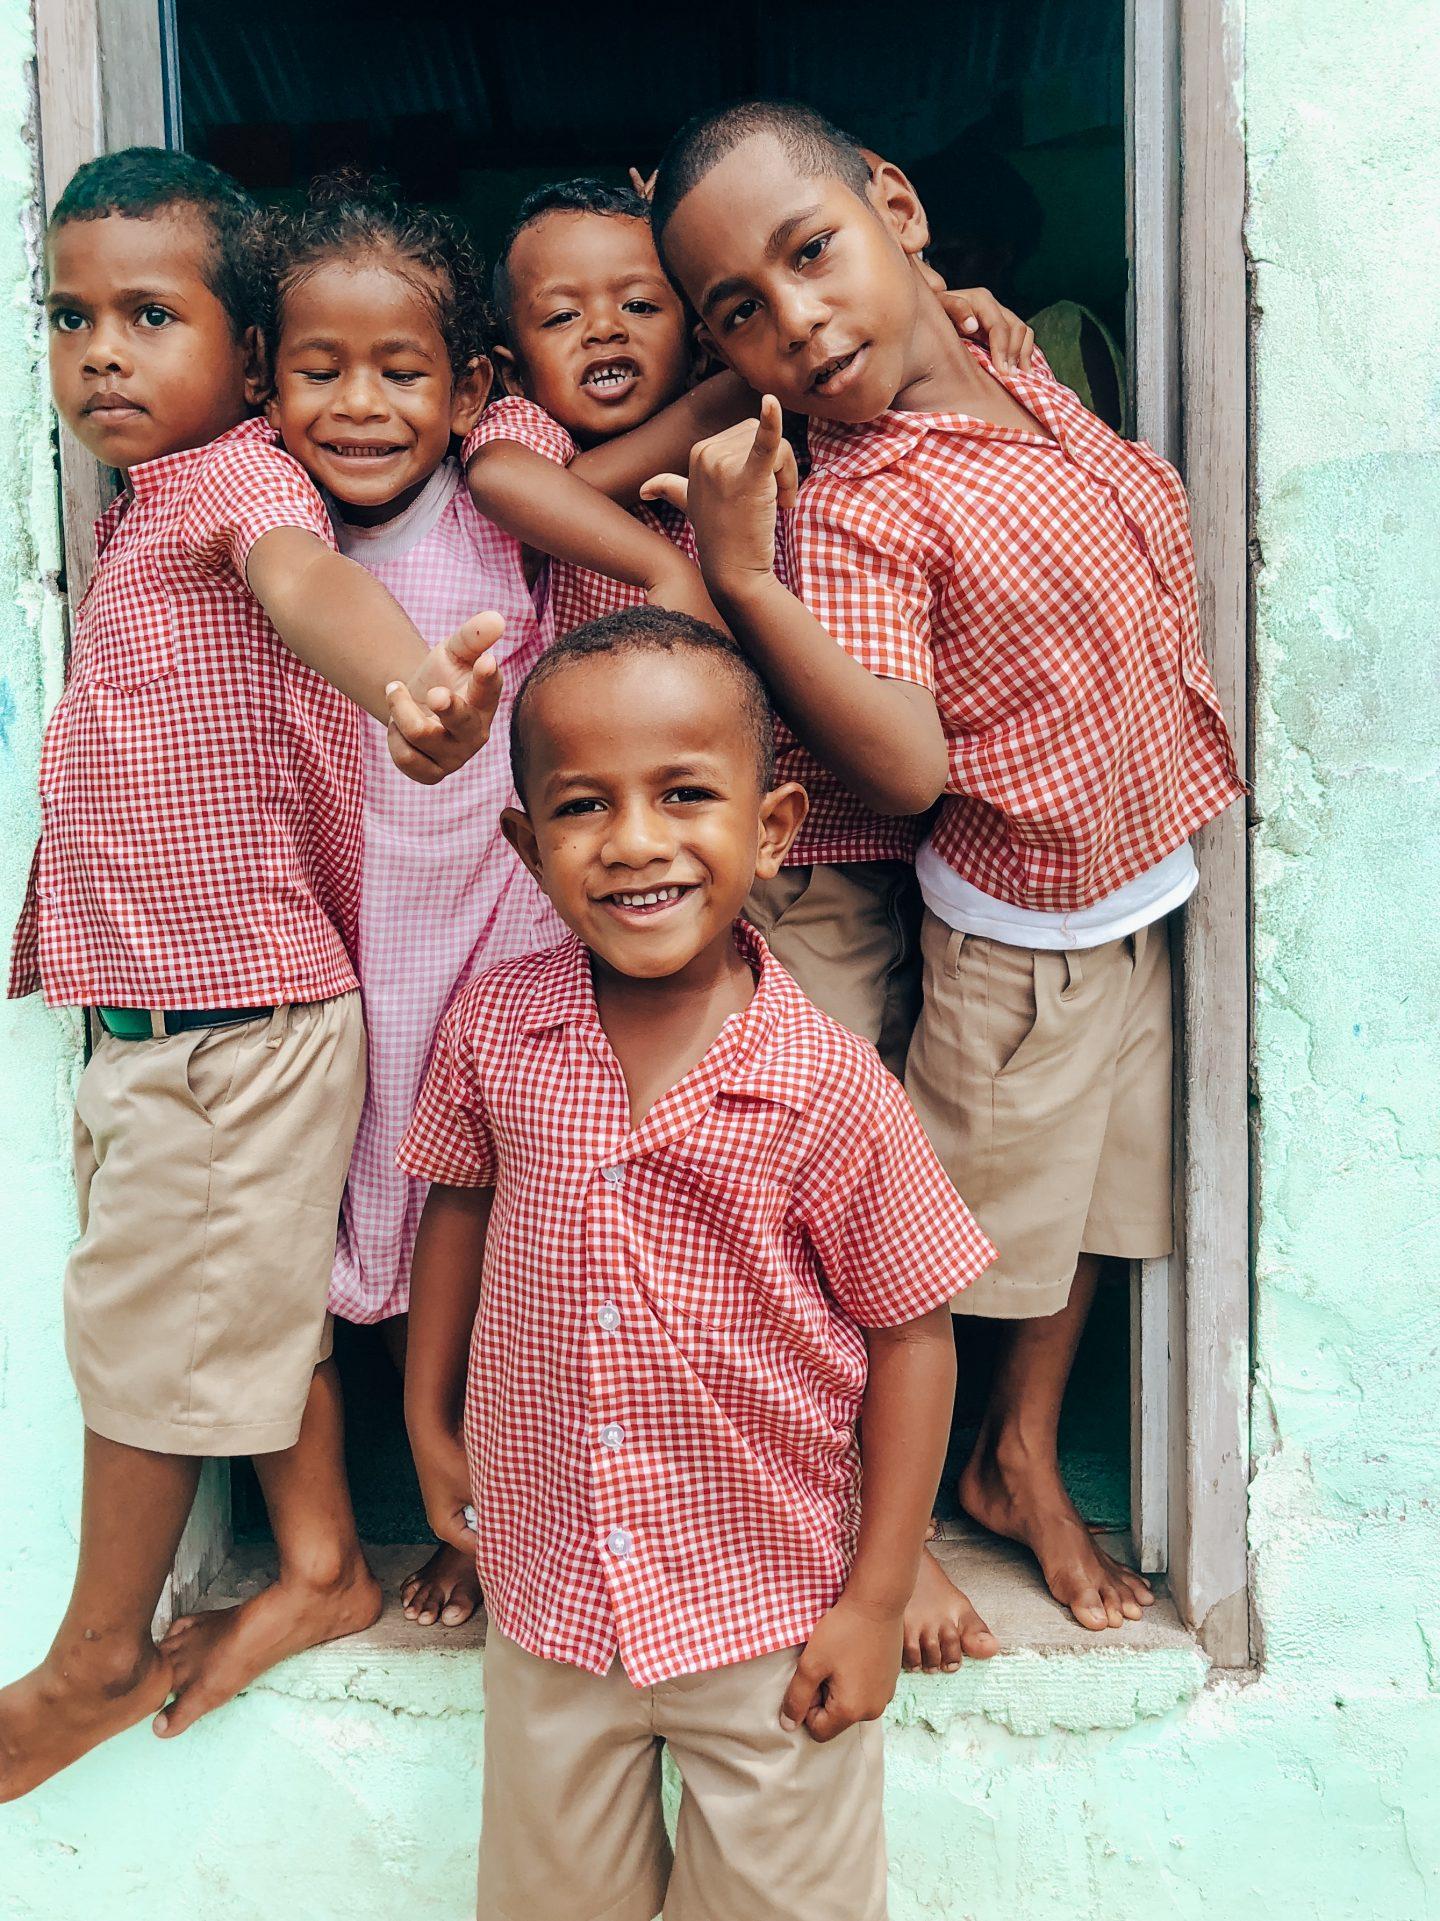 Visiting a local preschool in Nadi, Fiji!